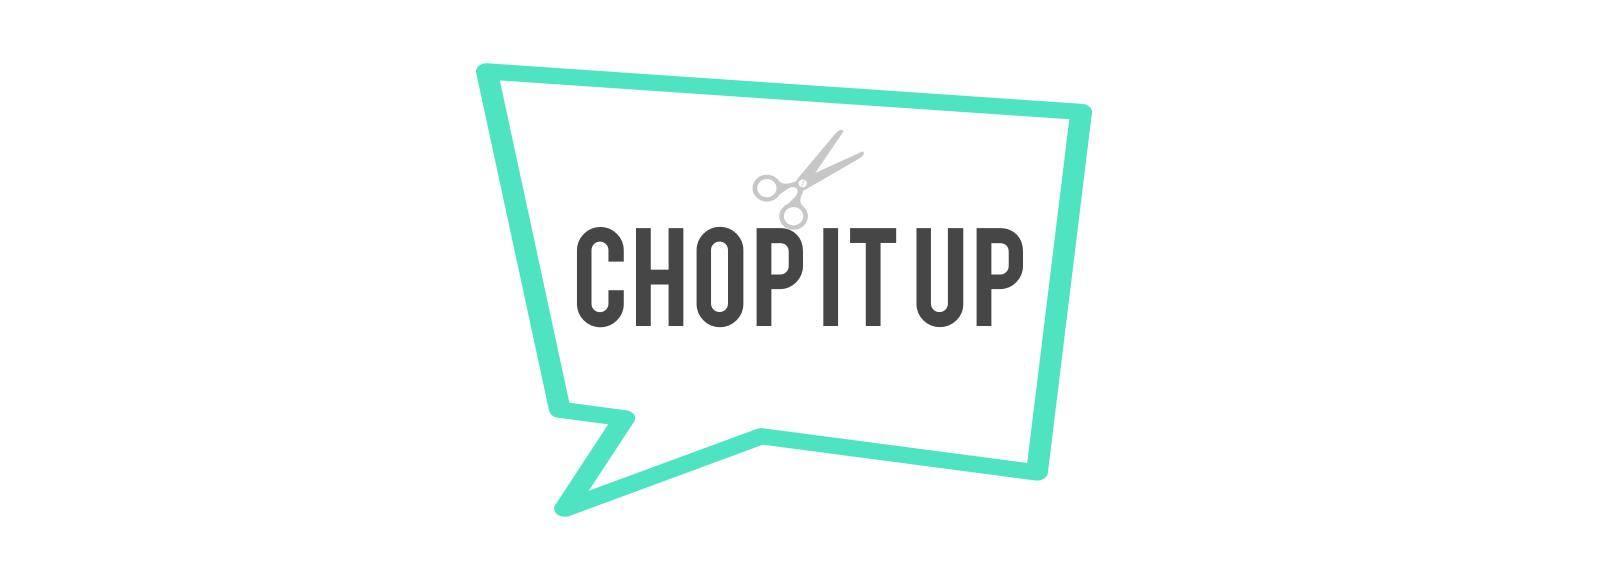 chopitup.jpg